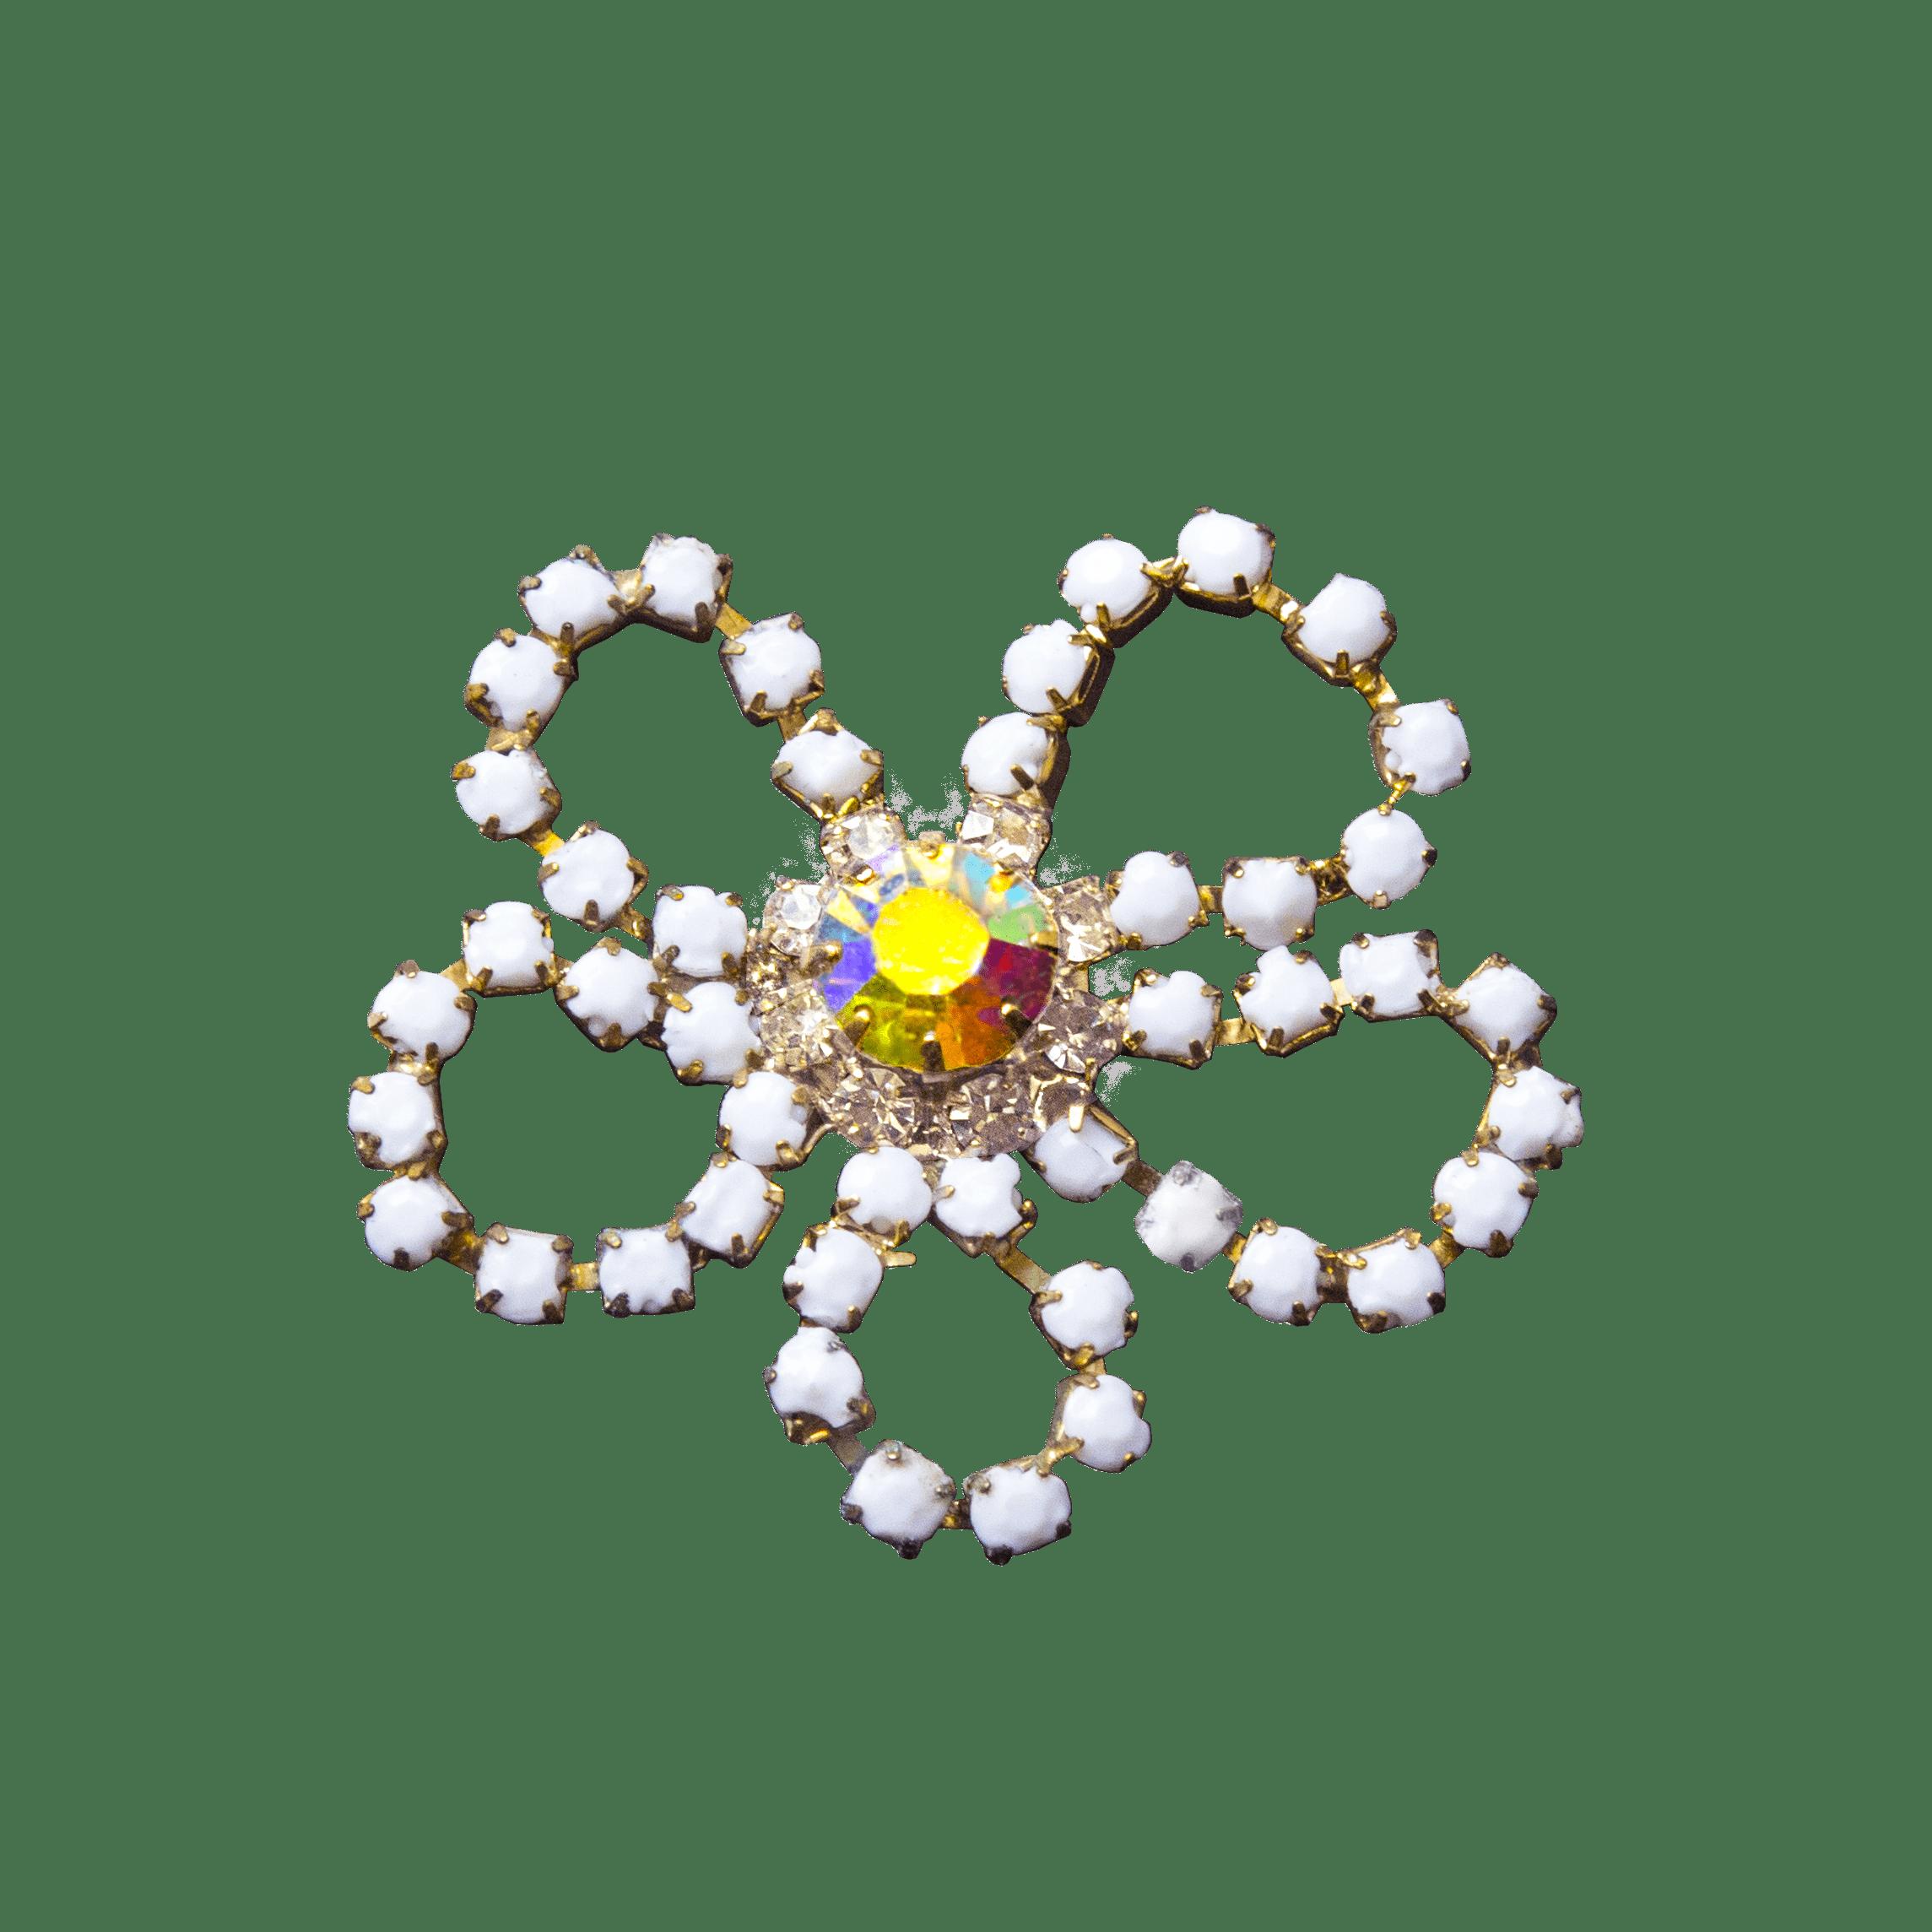 Applicazione fiore bianco